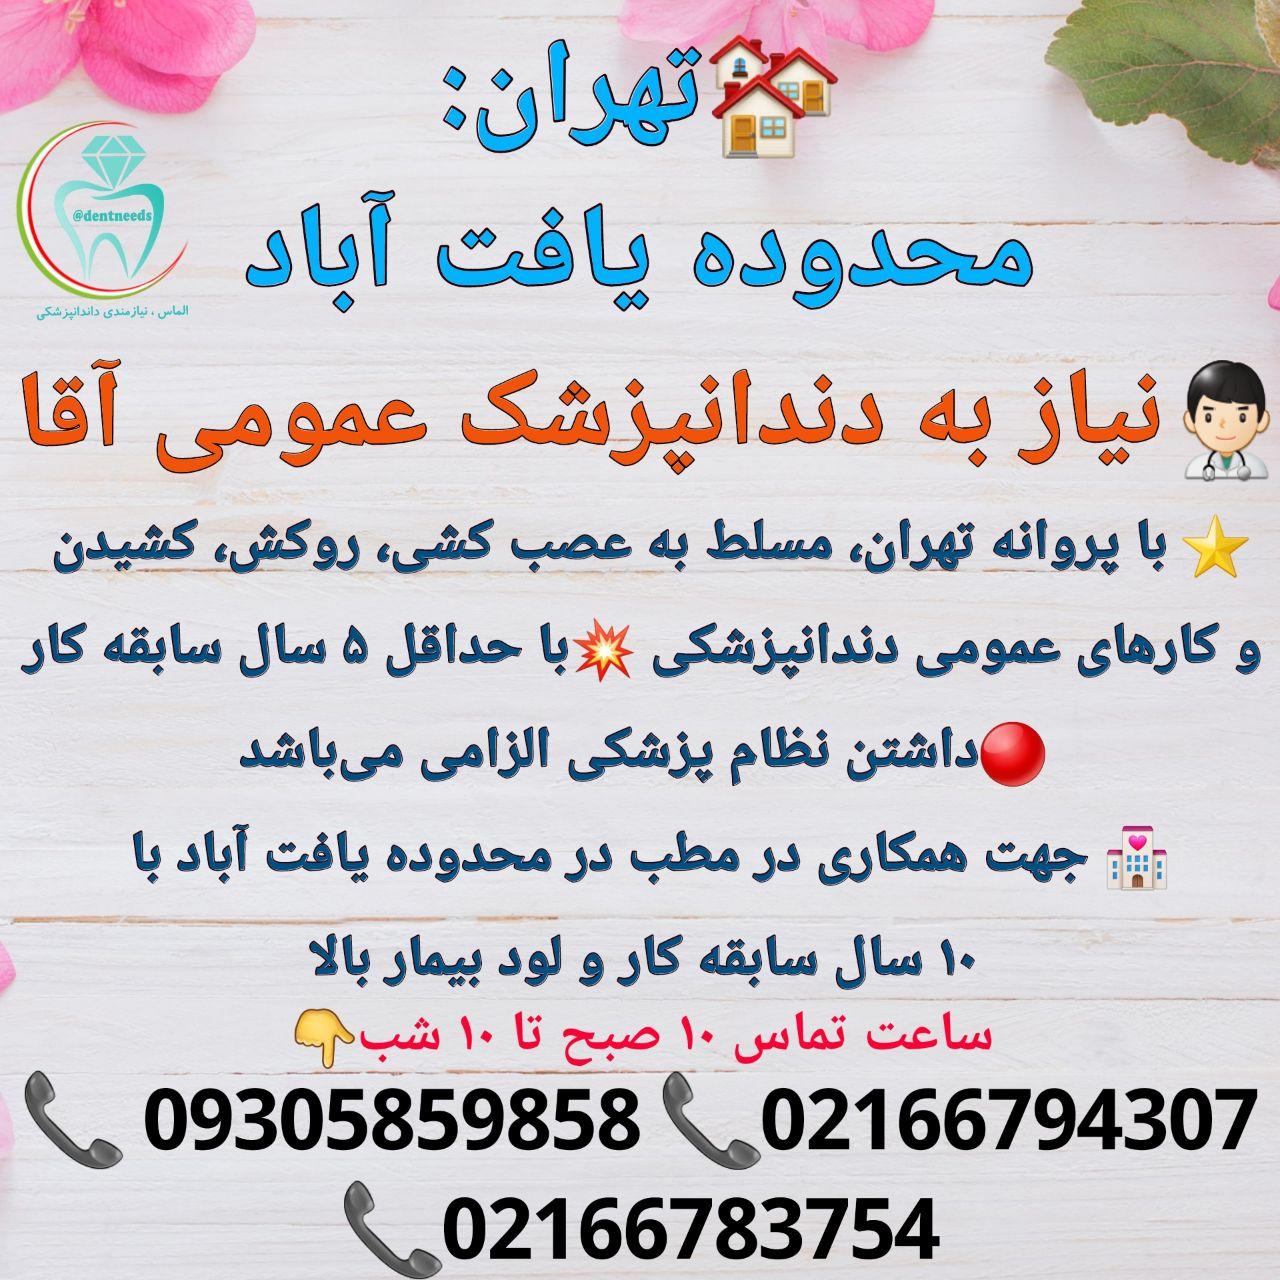 تهران: محدوده یافت آباد، نیاز به دندانپزشک عمومی آقا